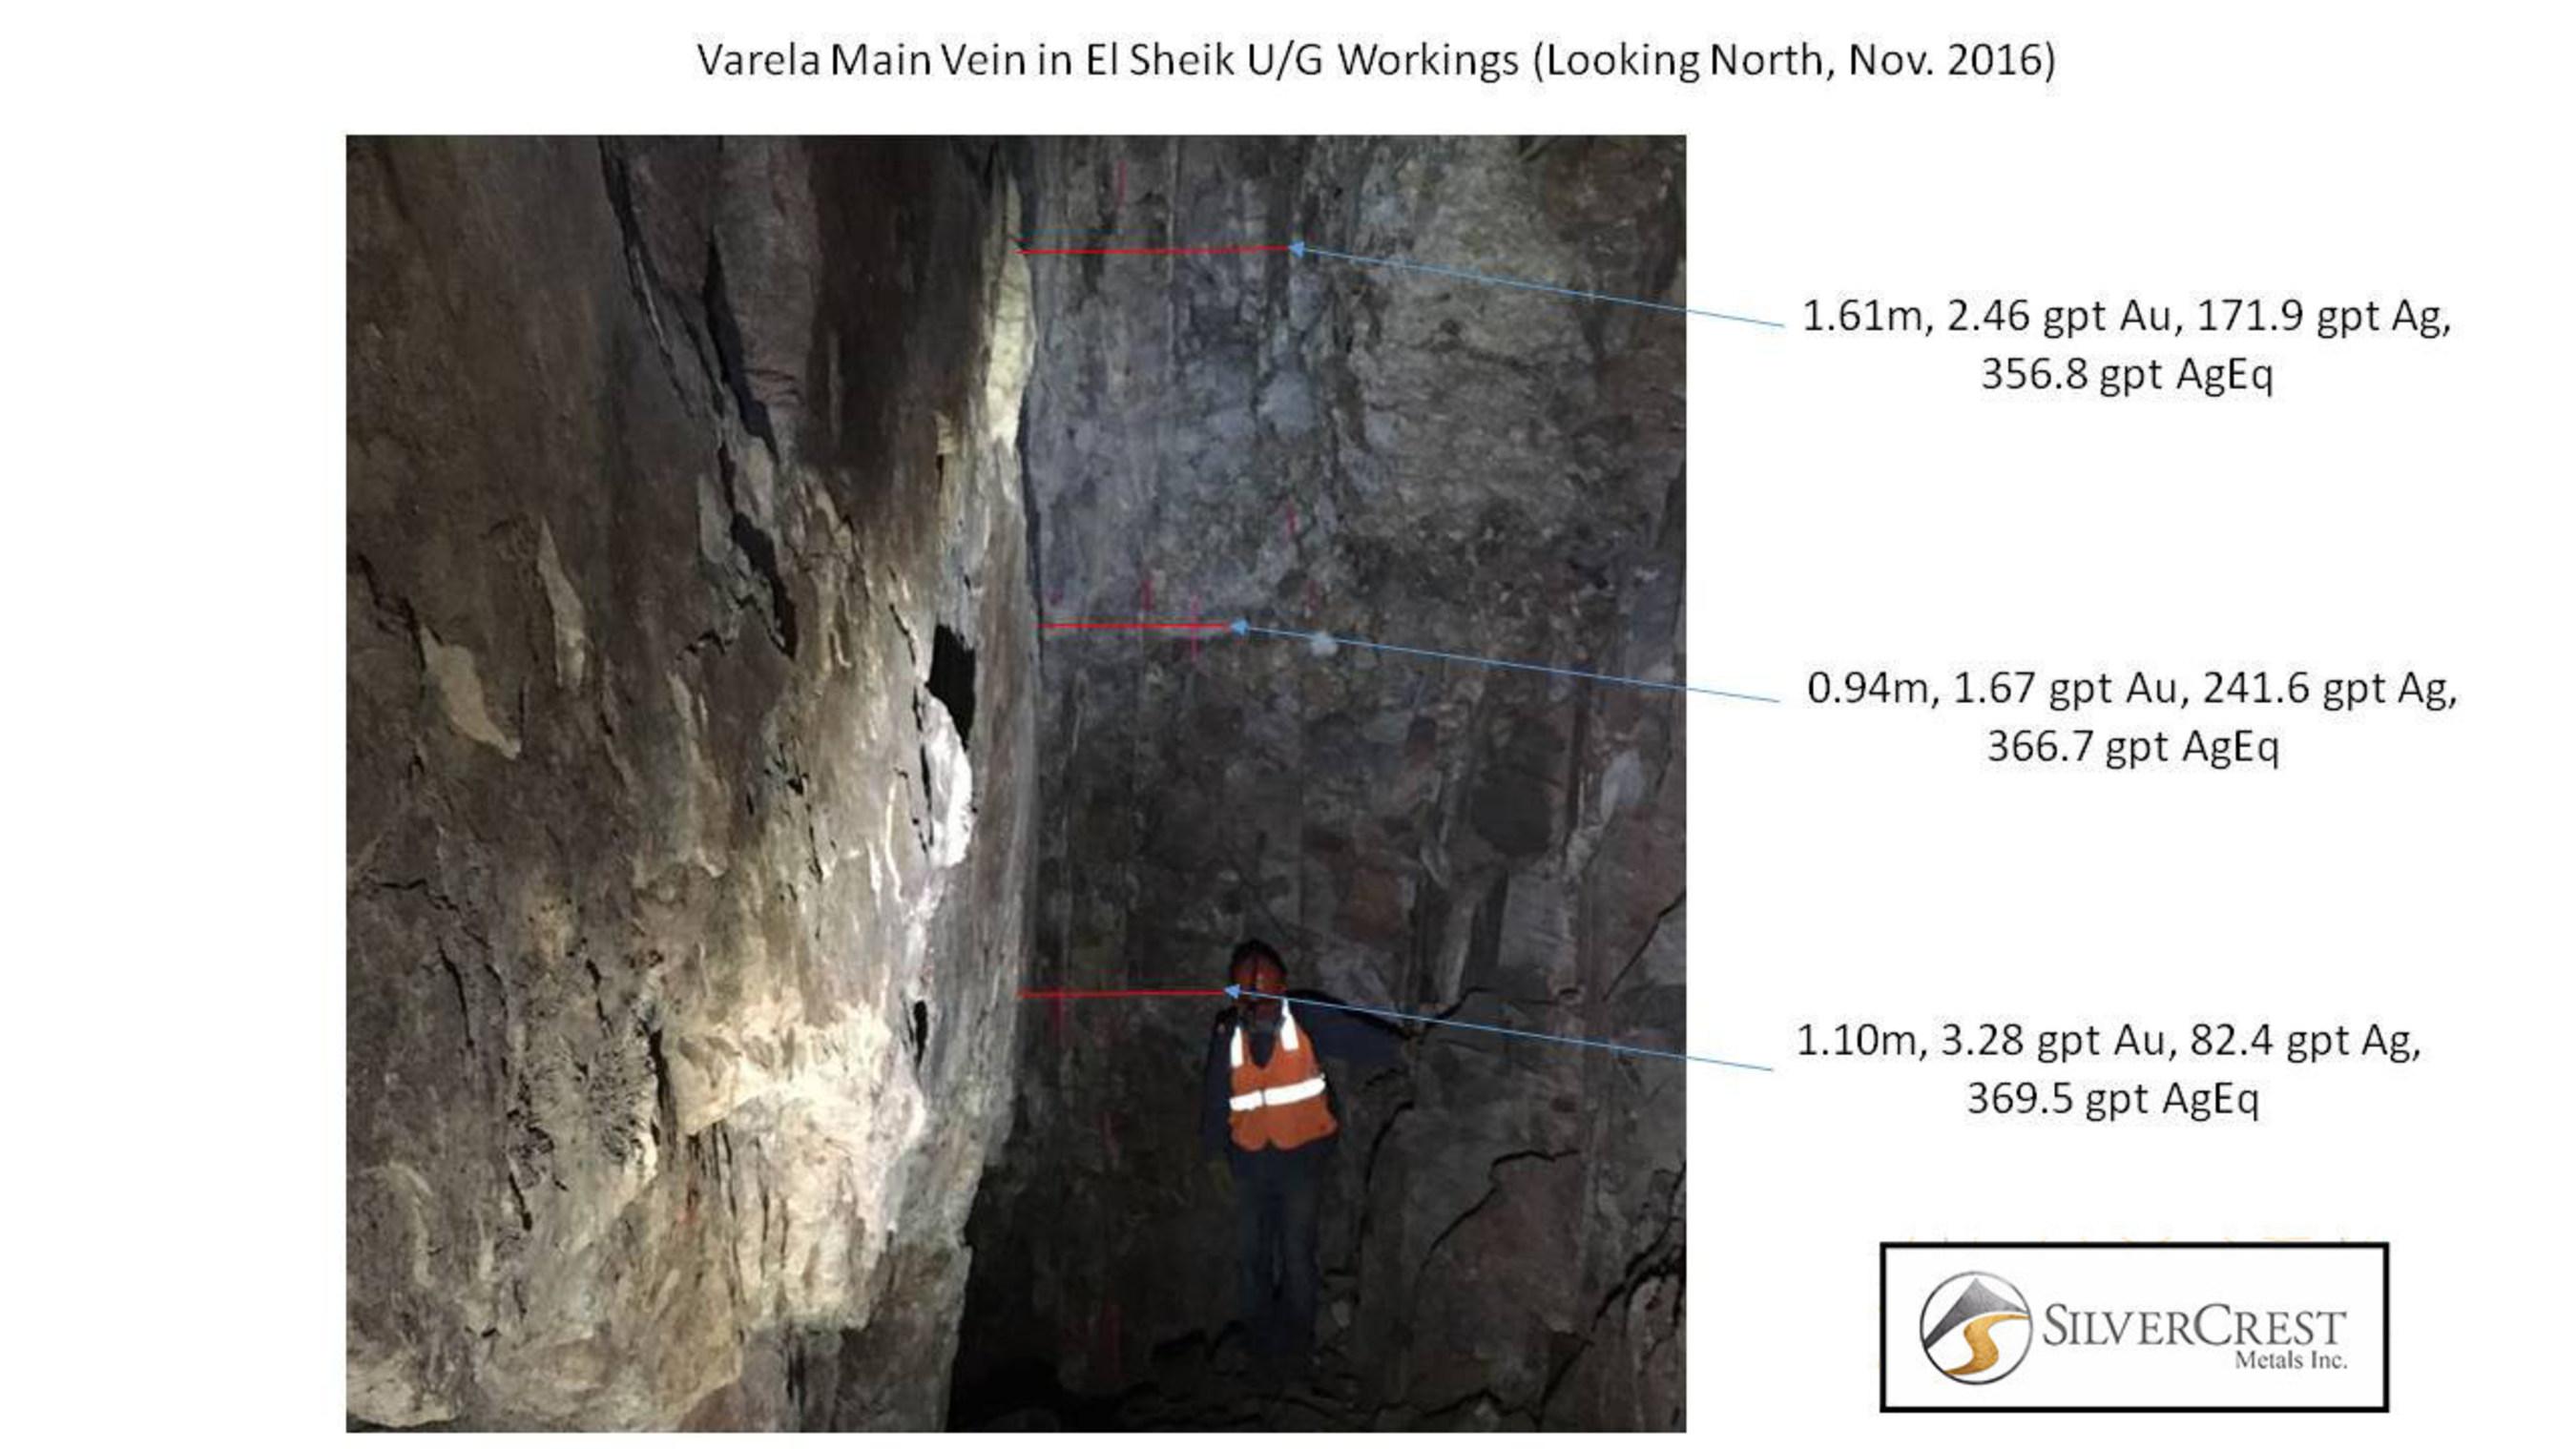 SilverCrest Metals - Sonora, Mexico - Las Chispas Project - 2016-11-14 - Varela 1 El Sheik UG Workings - looking north